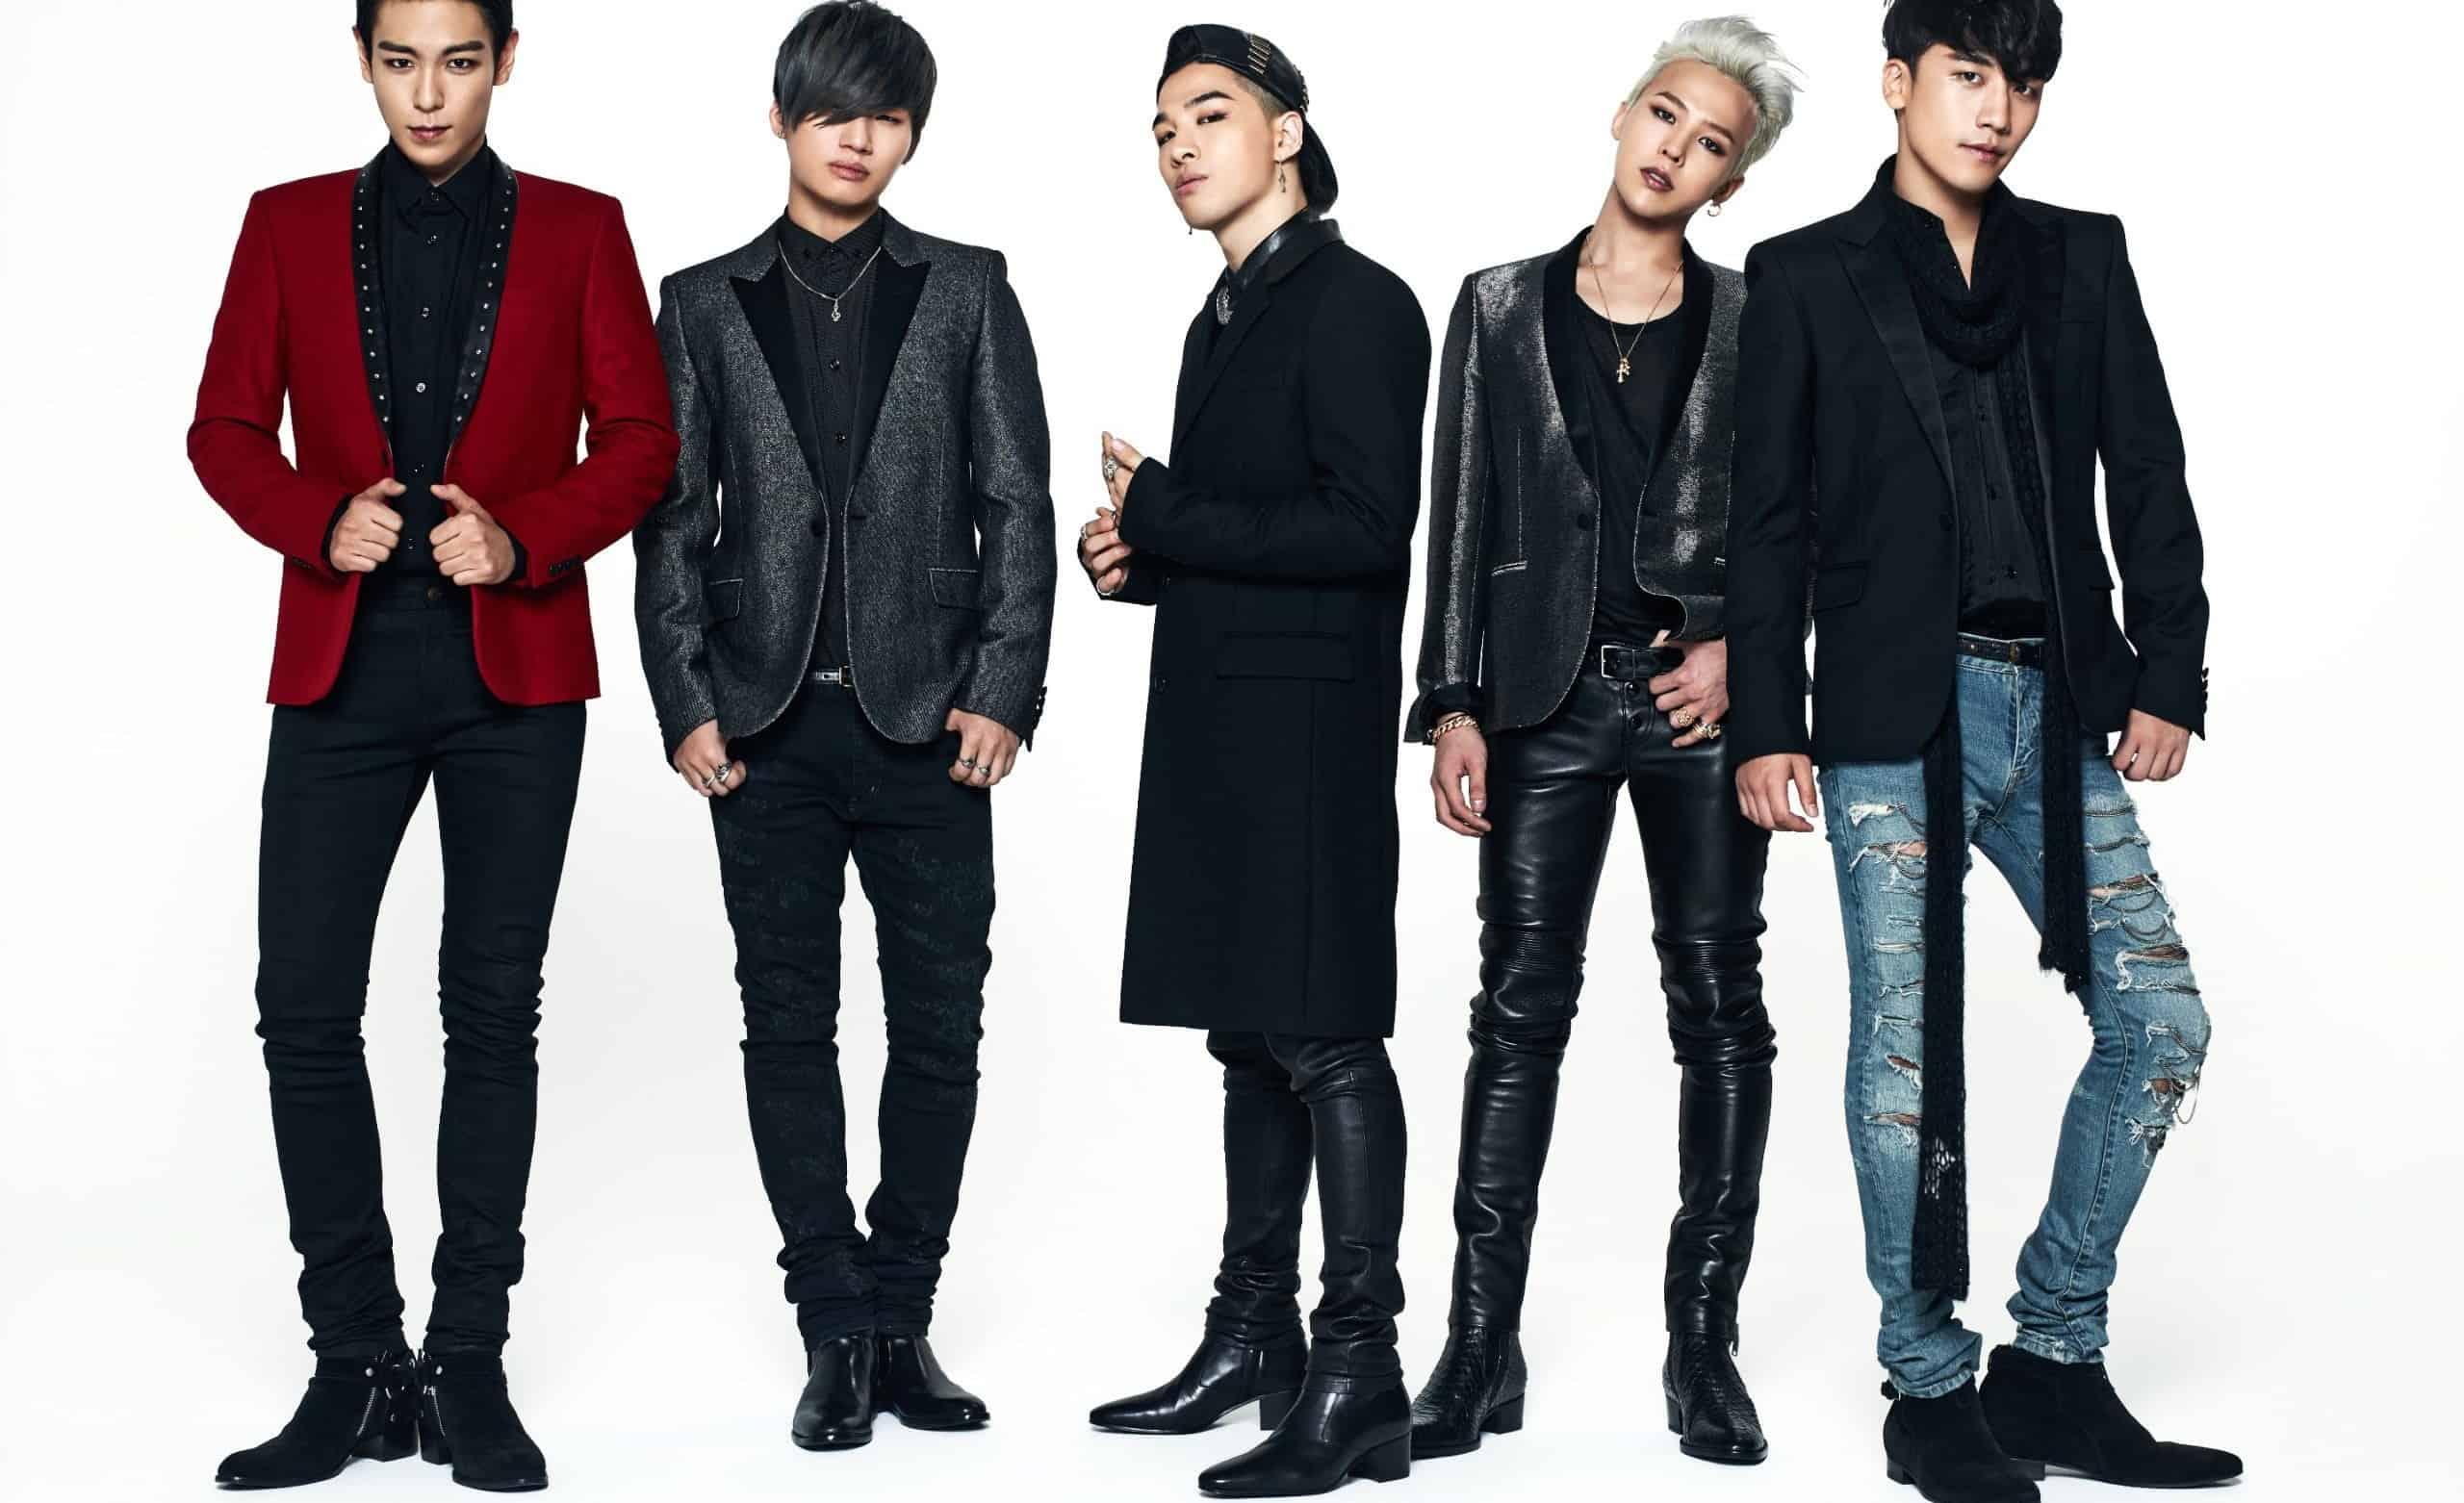 BIGBANG – perfil, membros, alturas, idades, fatos e curiosidades 2021